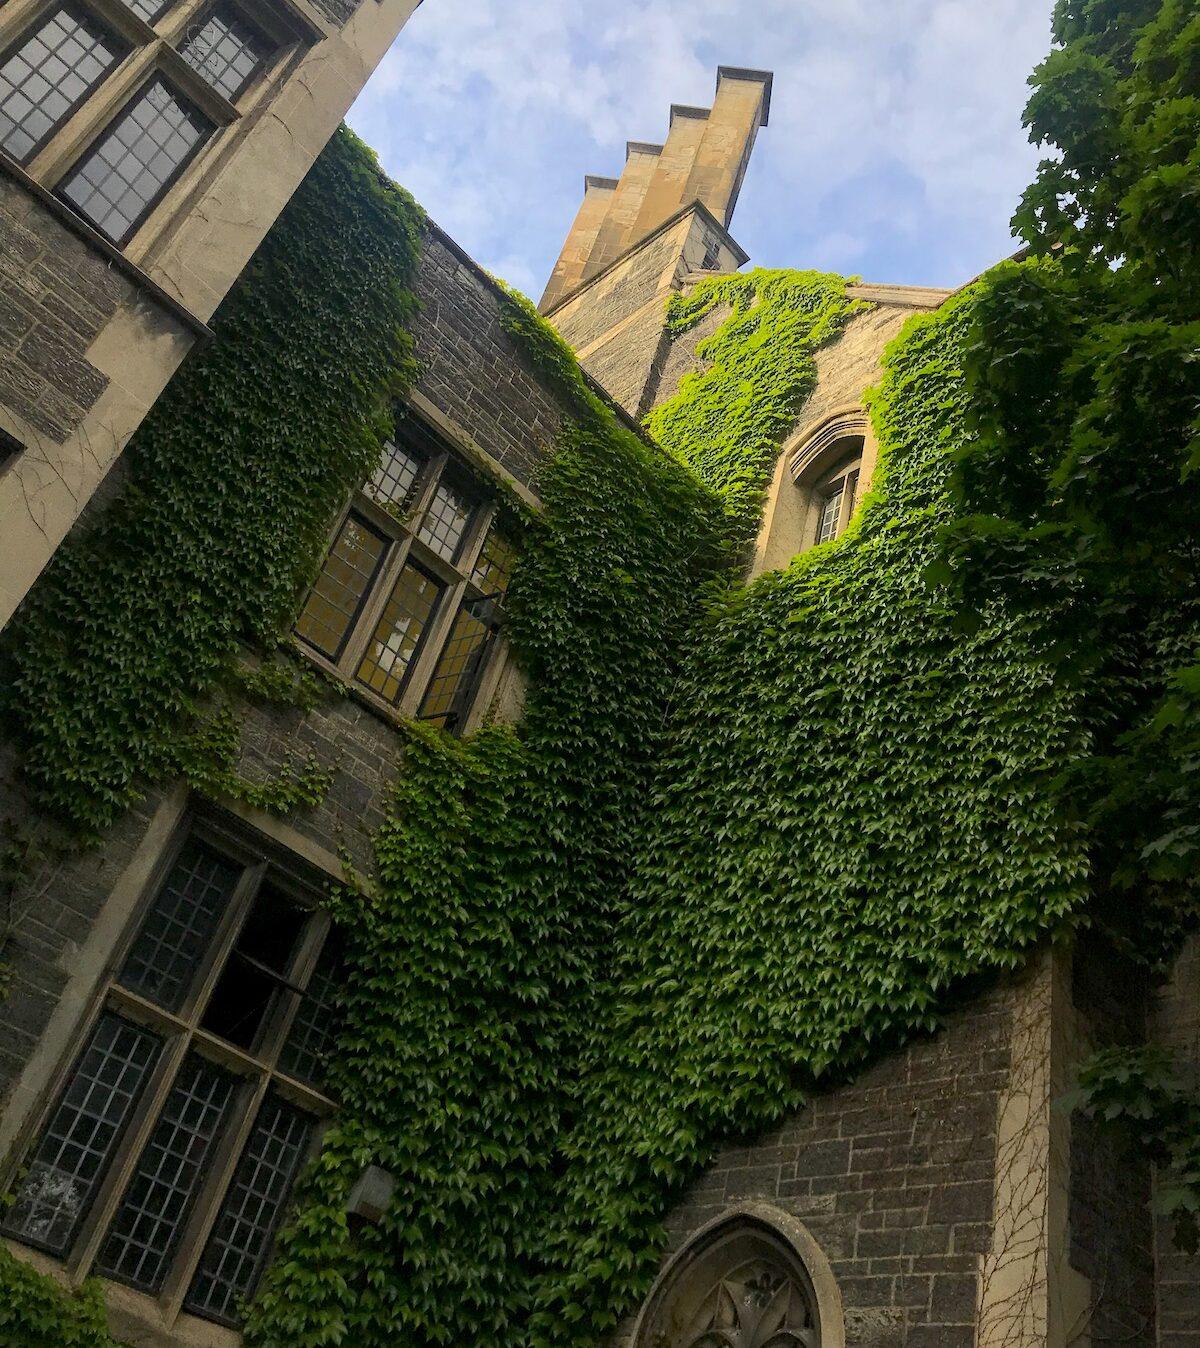 トロント大学のキャンパスでハリーポッターみたいな外観